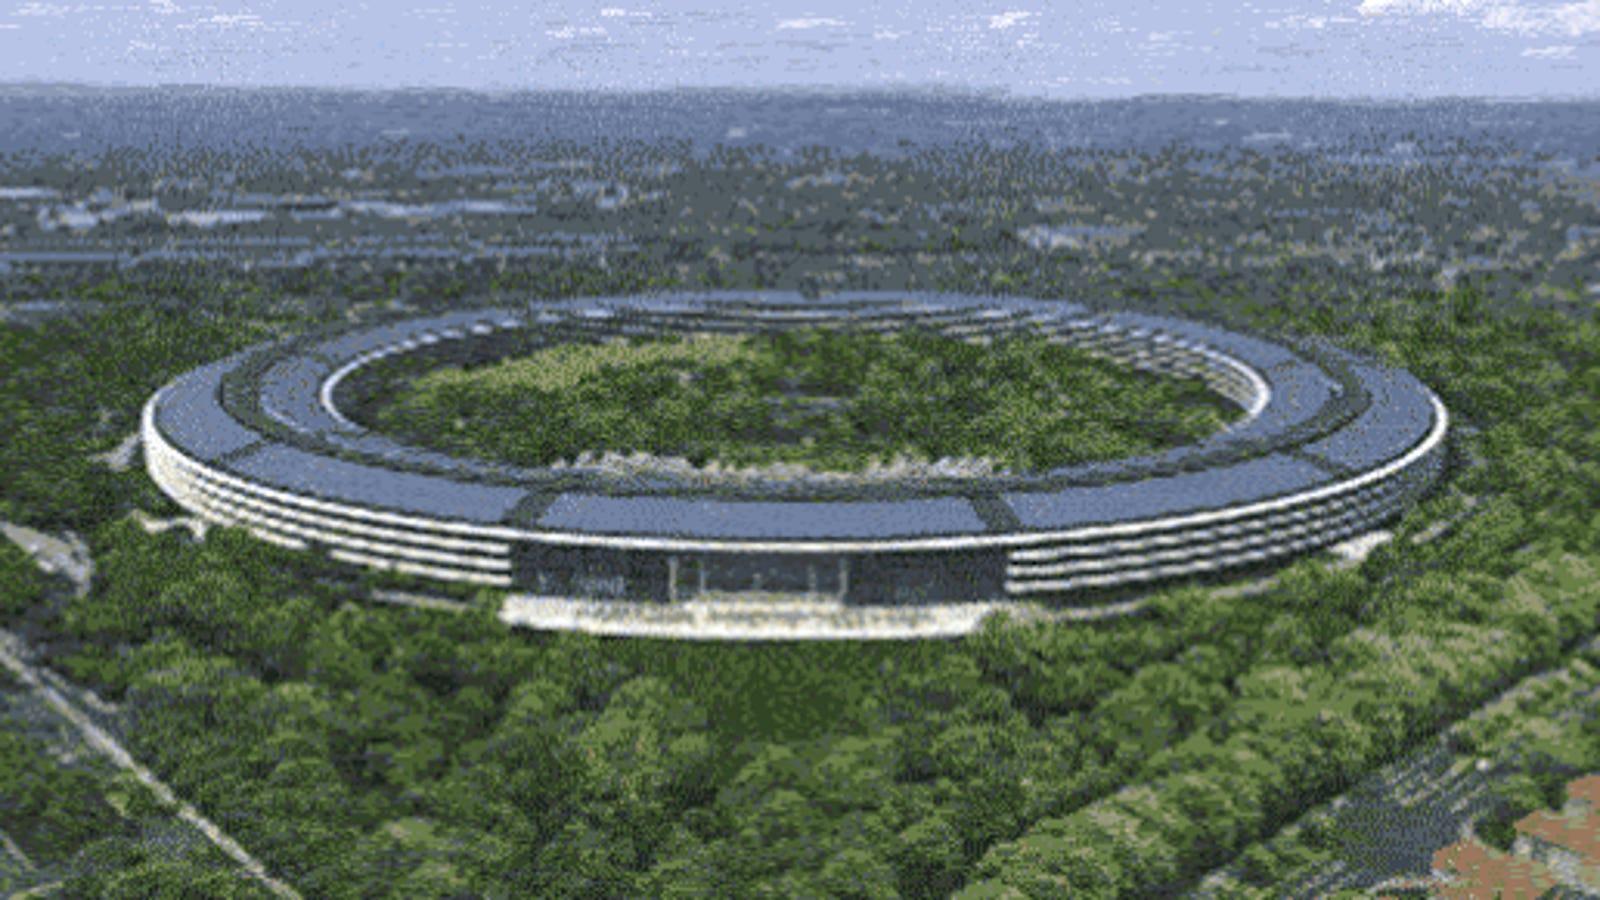 Sobrevuela el edificio de la futura sede de Apple en este nuevo vídeo